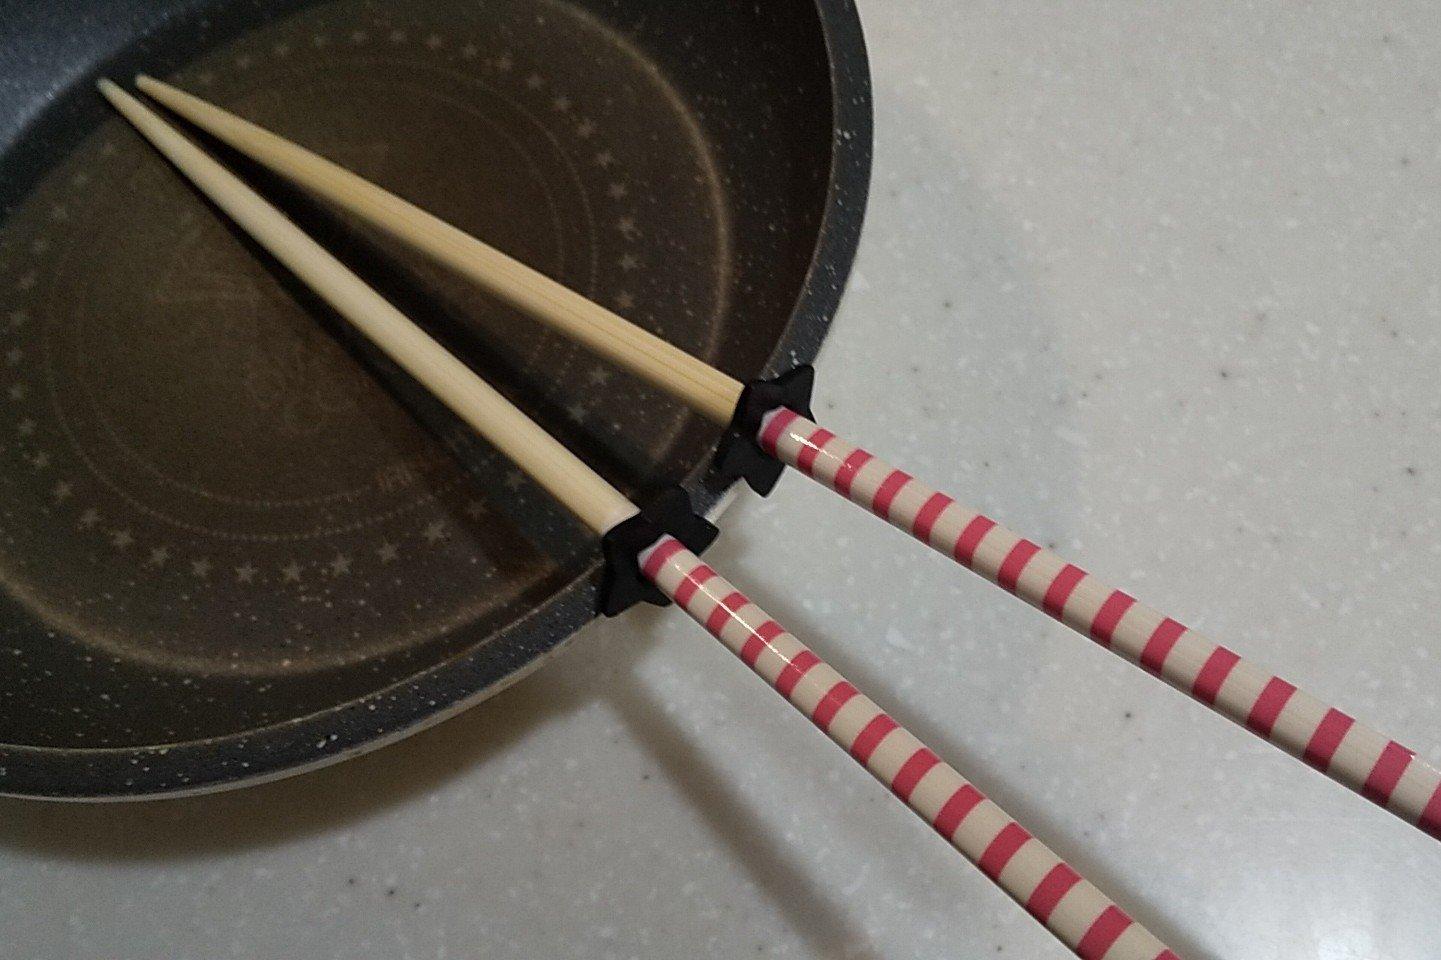 先端を浮かせて衛生的【セリア】耐熱「菜箸スタンド」調理ストレス軽減